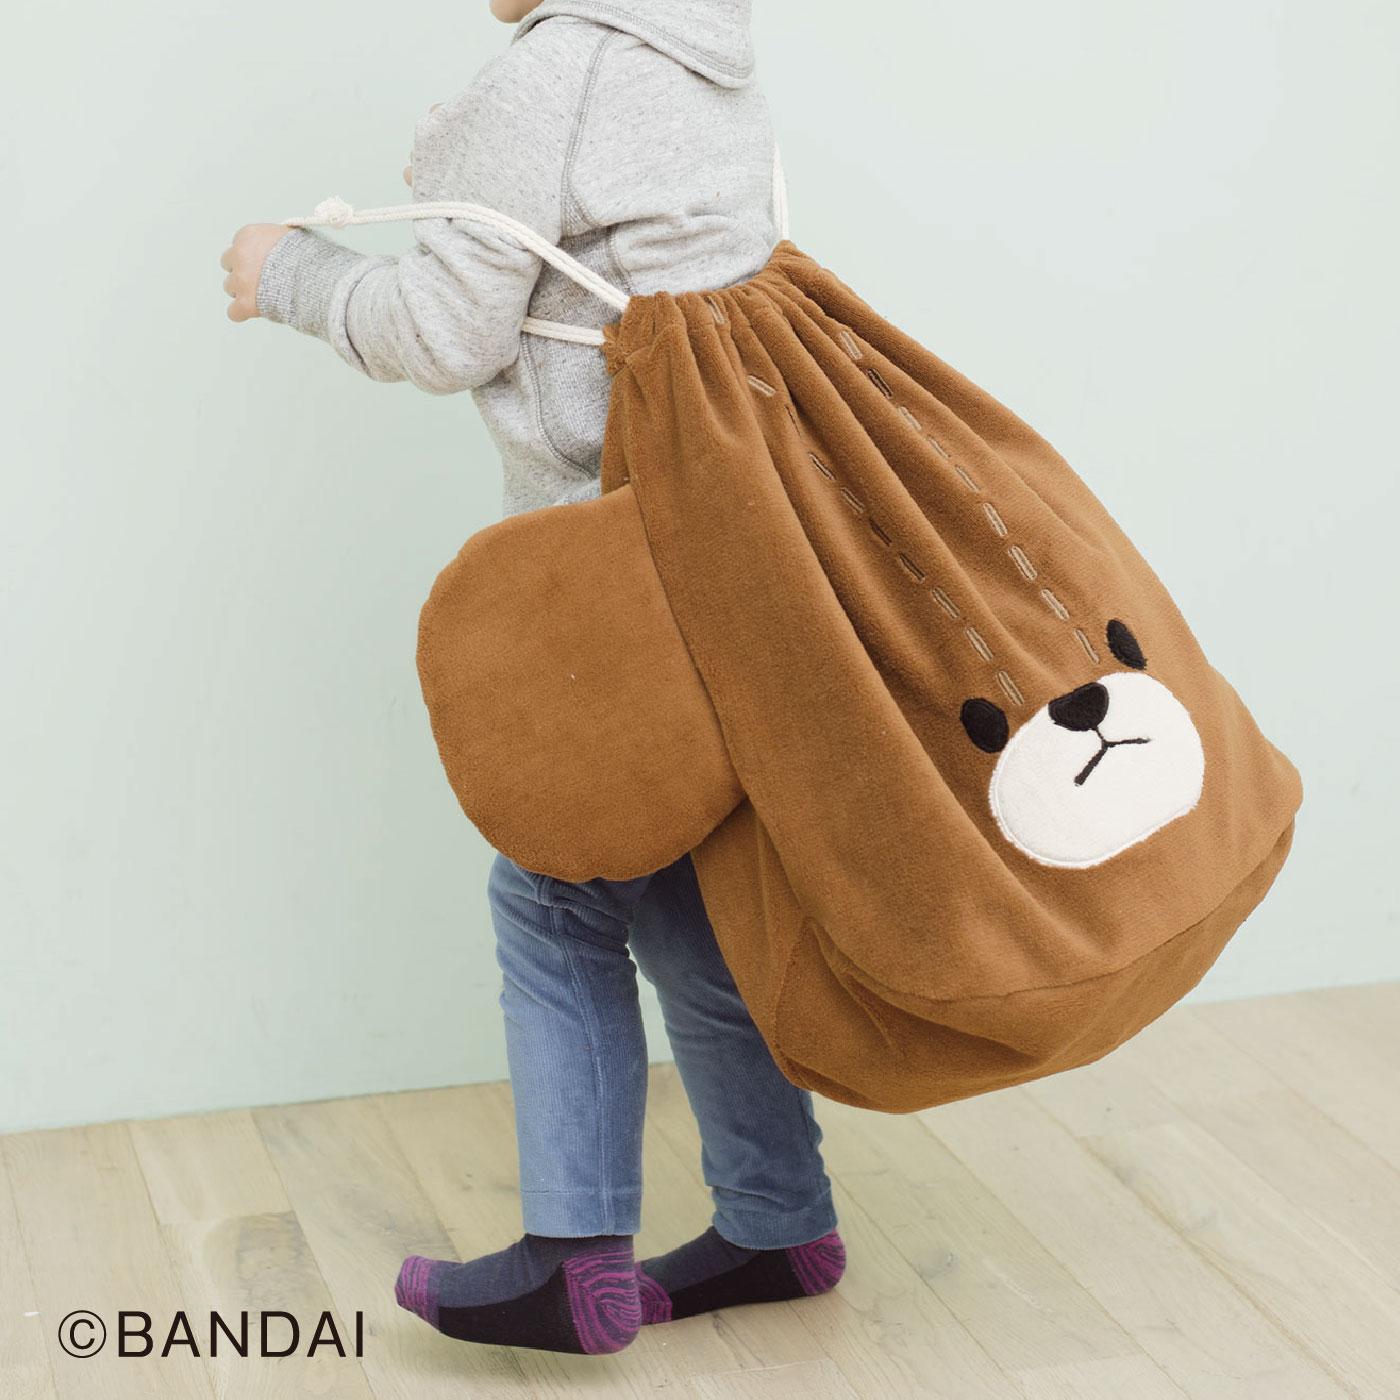 特製収納袋は抱きしめたくなるかわいさ!